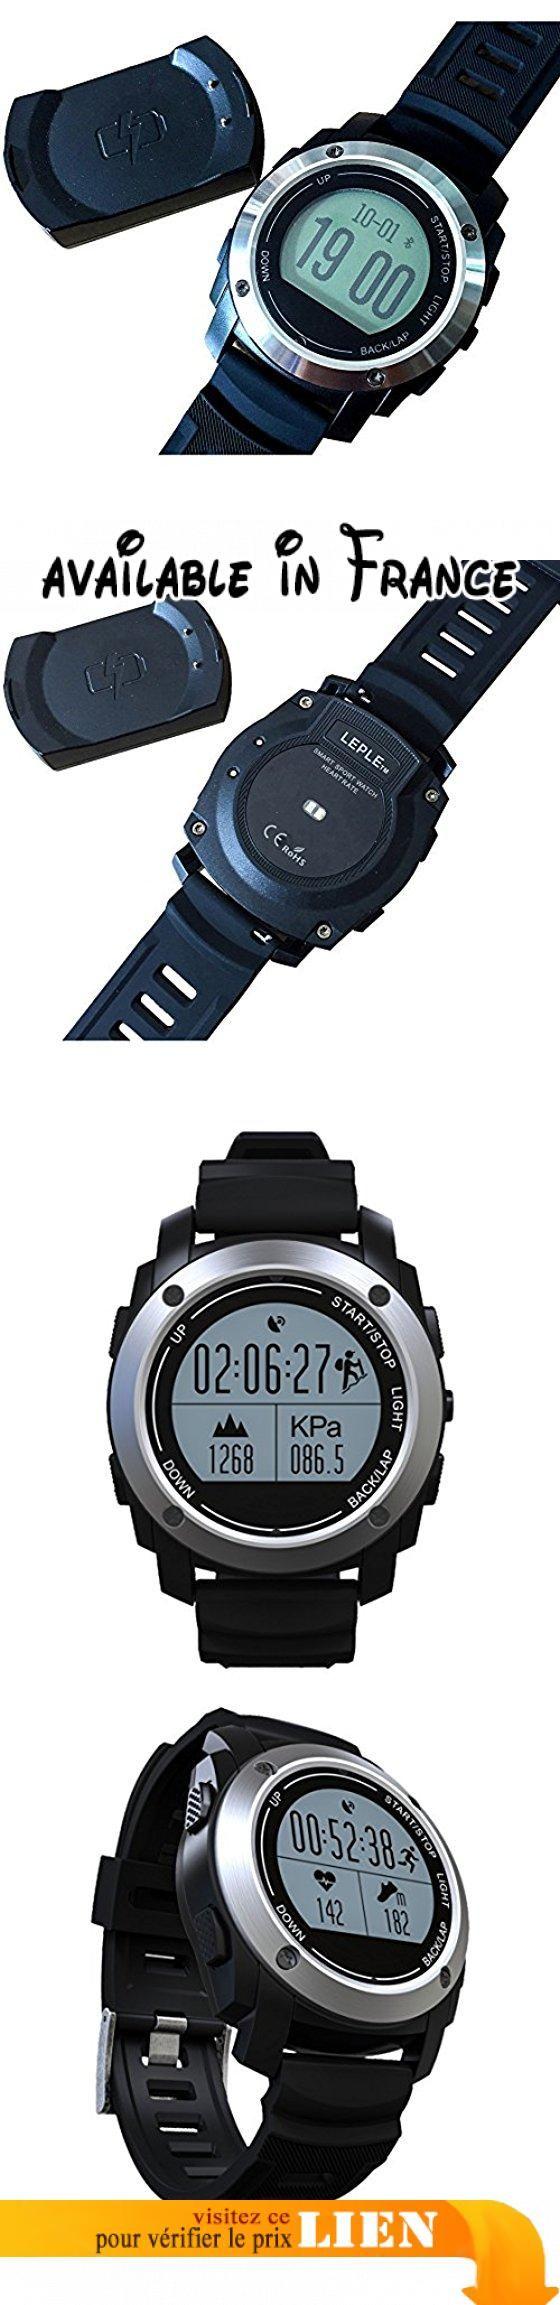 Montre Intelligent TéléPhone l'Ecran de 1.3 Pouces Bluetooth 4.0 Smartwatch Moniteur de Fréquence Cardiaque, FREEDLY28 Compatible avec iOS et Android (Noir). ● Conception Bluetooth pour avis à distance, prise de photo à distance et lecteur vidéo, enregistrement sonore.. ● Équipé du GPS, de la jauge de pression, de la température de l'environnement, de l'altimètre, du réveil, du calendrier.. ● Facile à monter, à rouler, à courir et à marcher avec un record